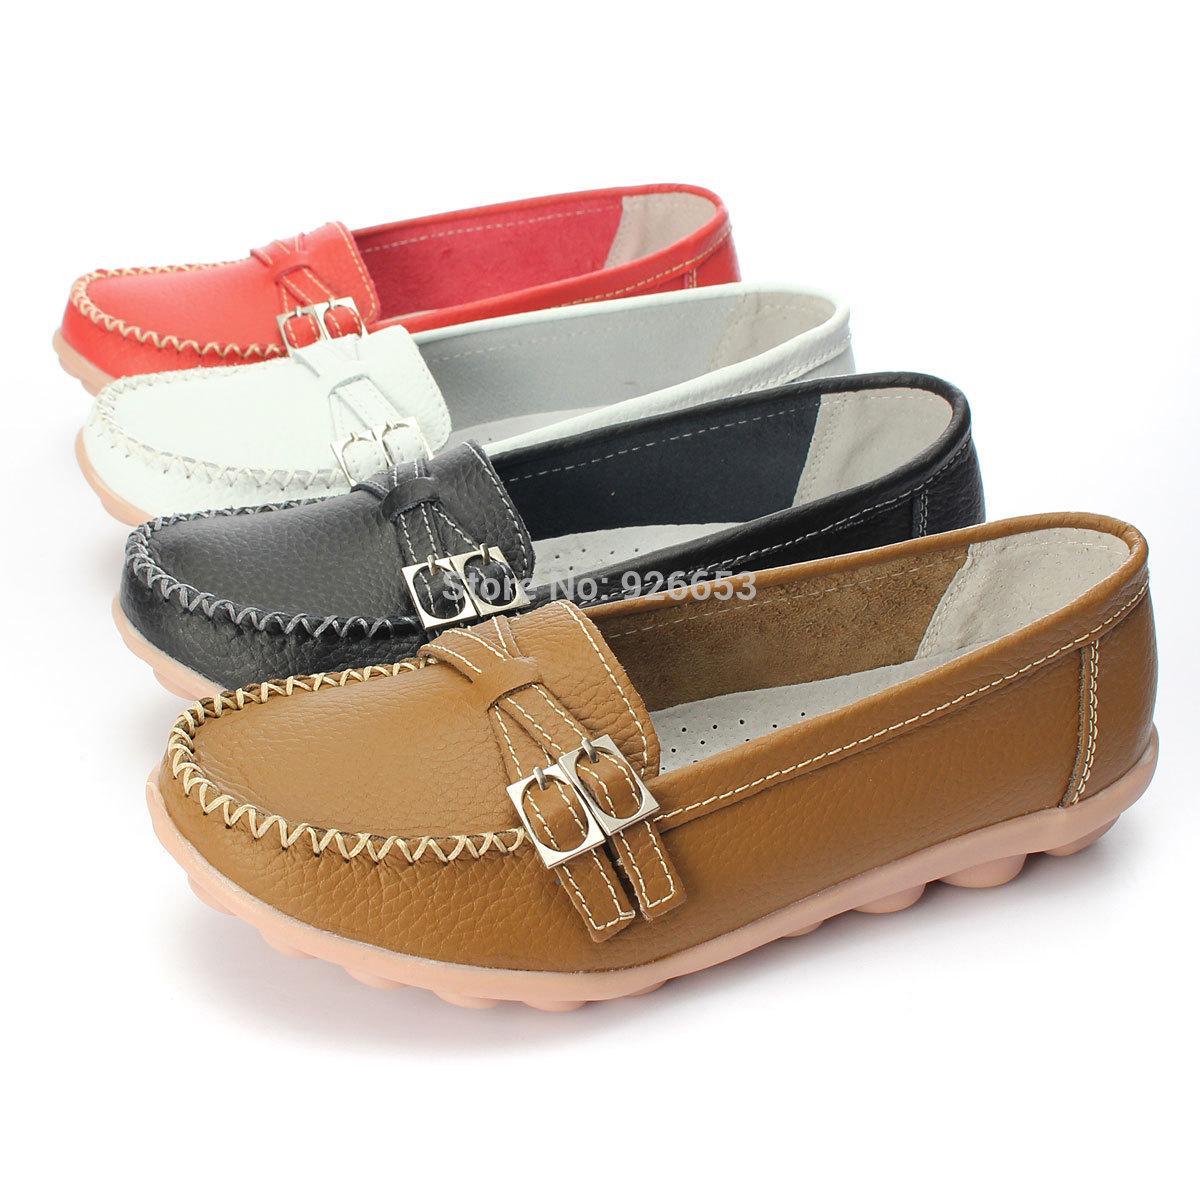 Las señoras del diseño más calientes para mujer zapatos de cuero de la PU Slip-on ballet mujeres pisos comodidad antideslizante zapatos femeninos 4 colores mocasines